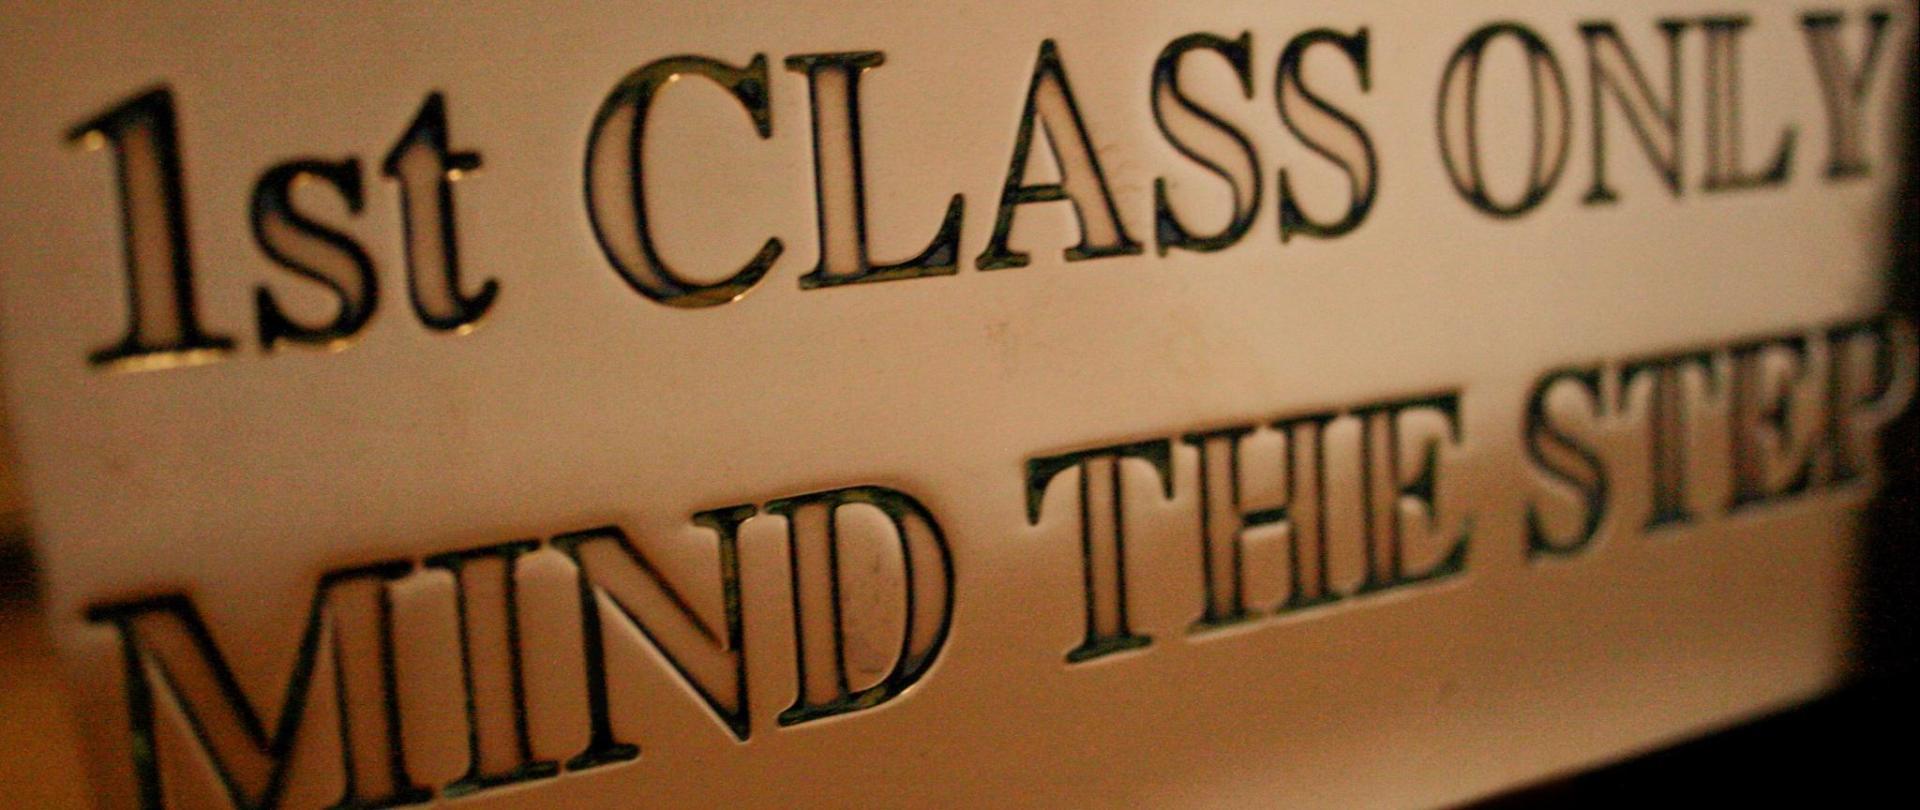 1st class.jpg